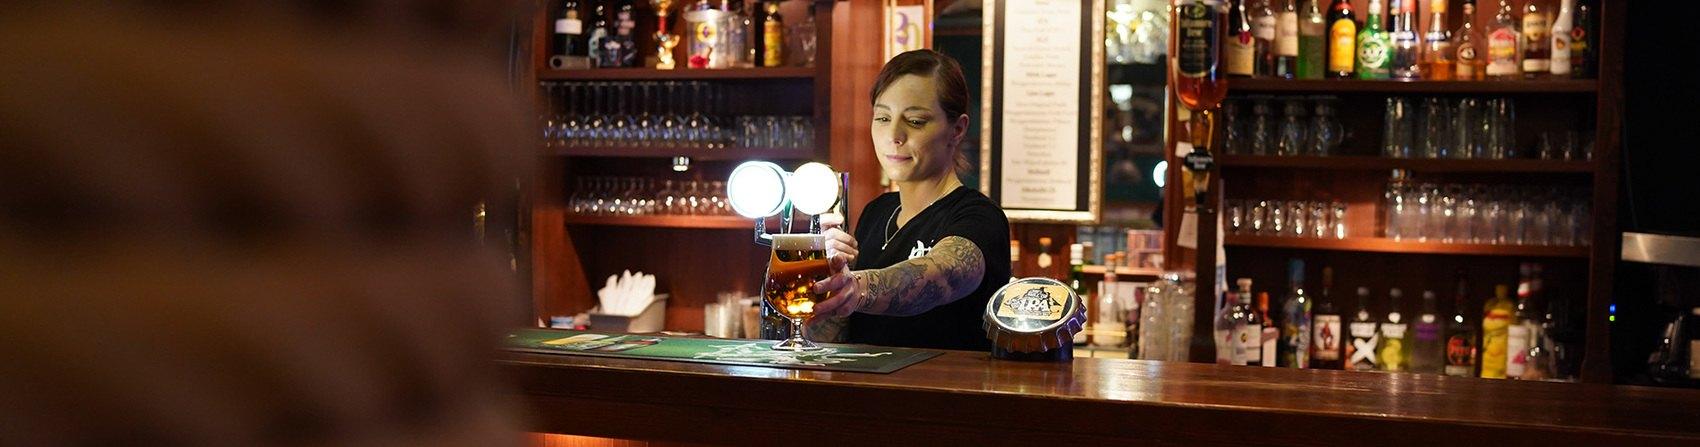 Kvinna i en bar